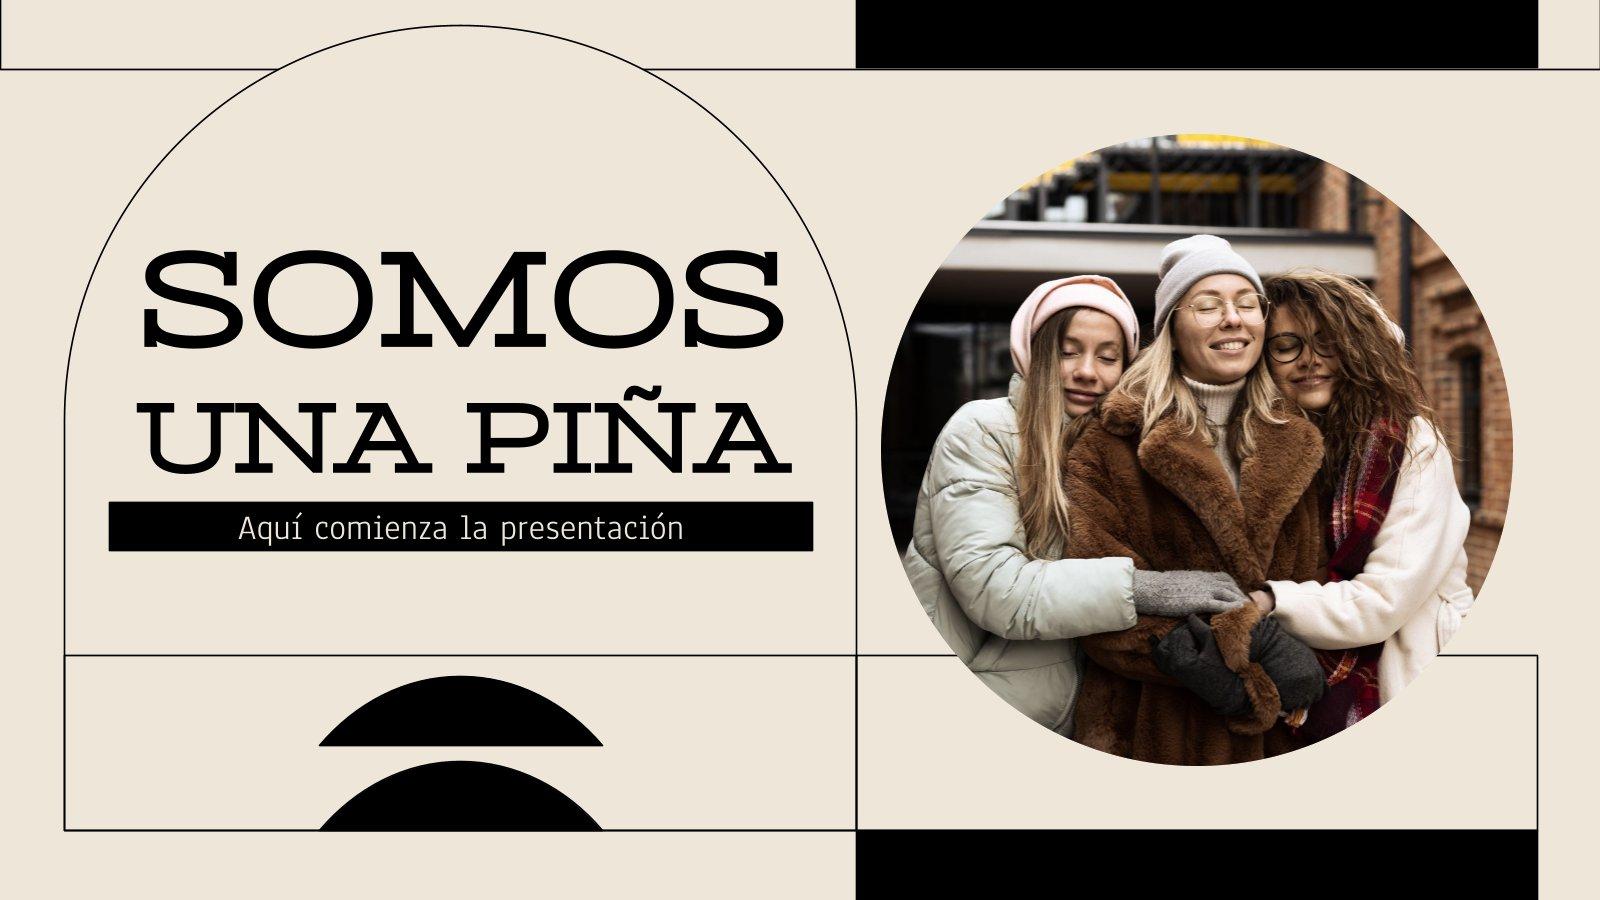 Somos Una Piña presentation template